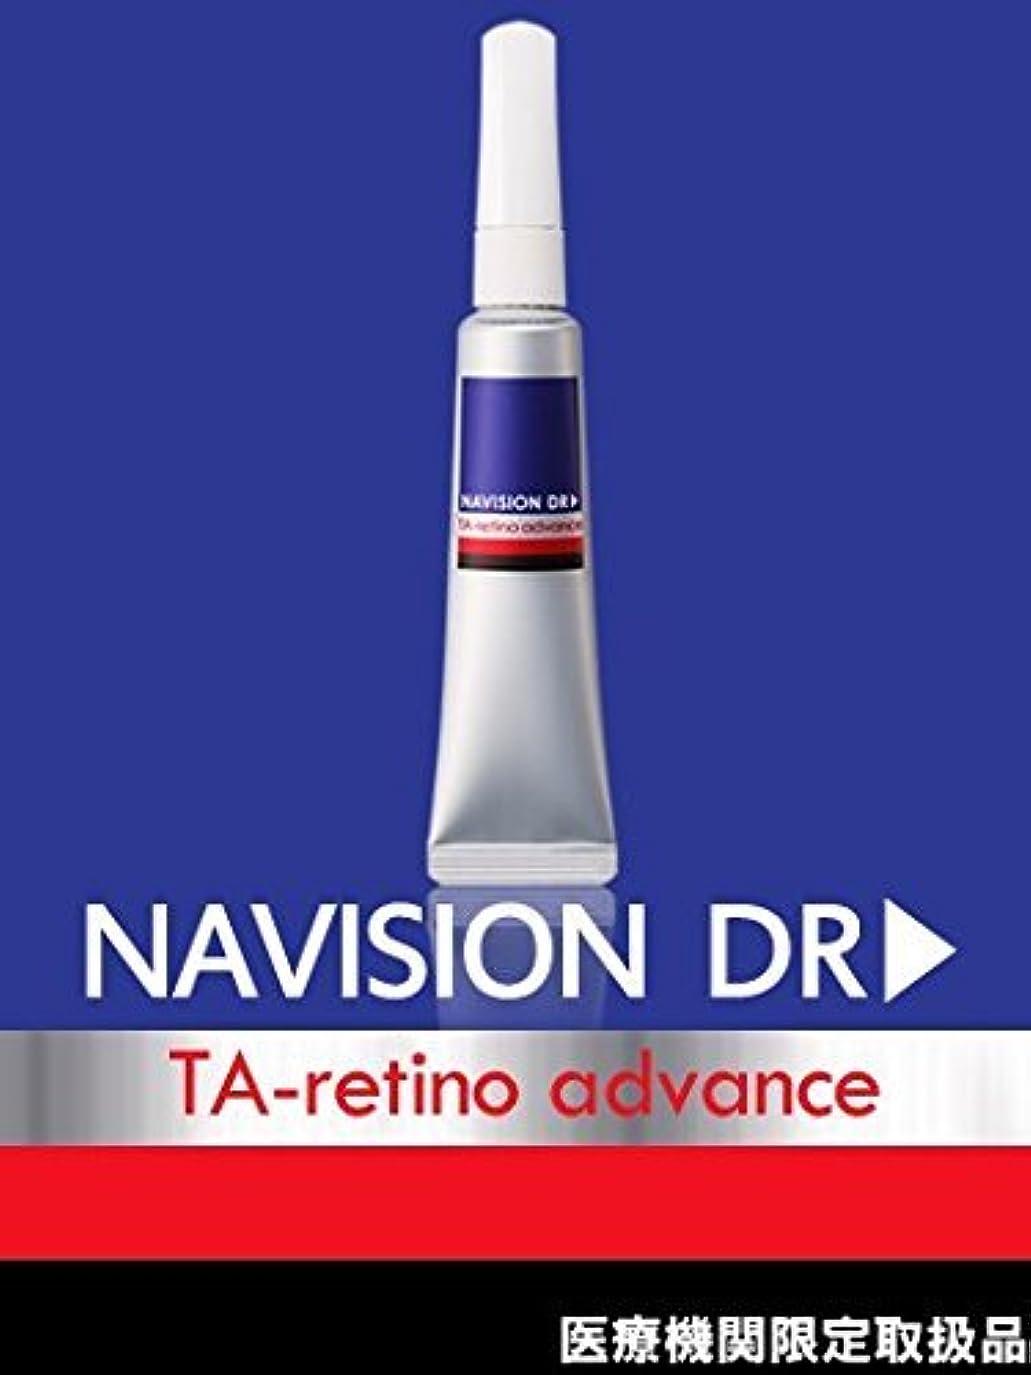 構成する存在ピアNAVISION DR? ナビジョンDR TAレチノアドバンス(医薬部外品) 15g 【医療機関限定取扱品】